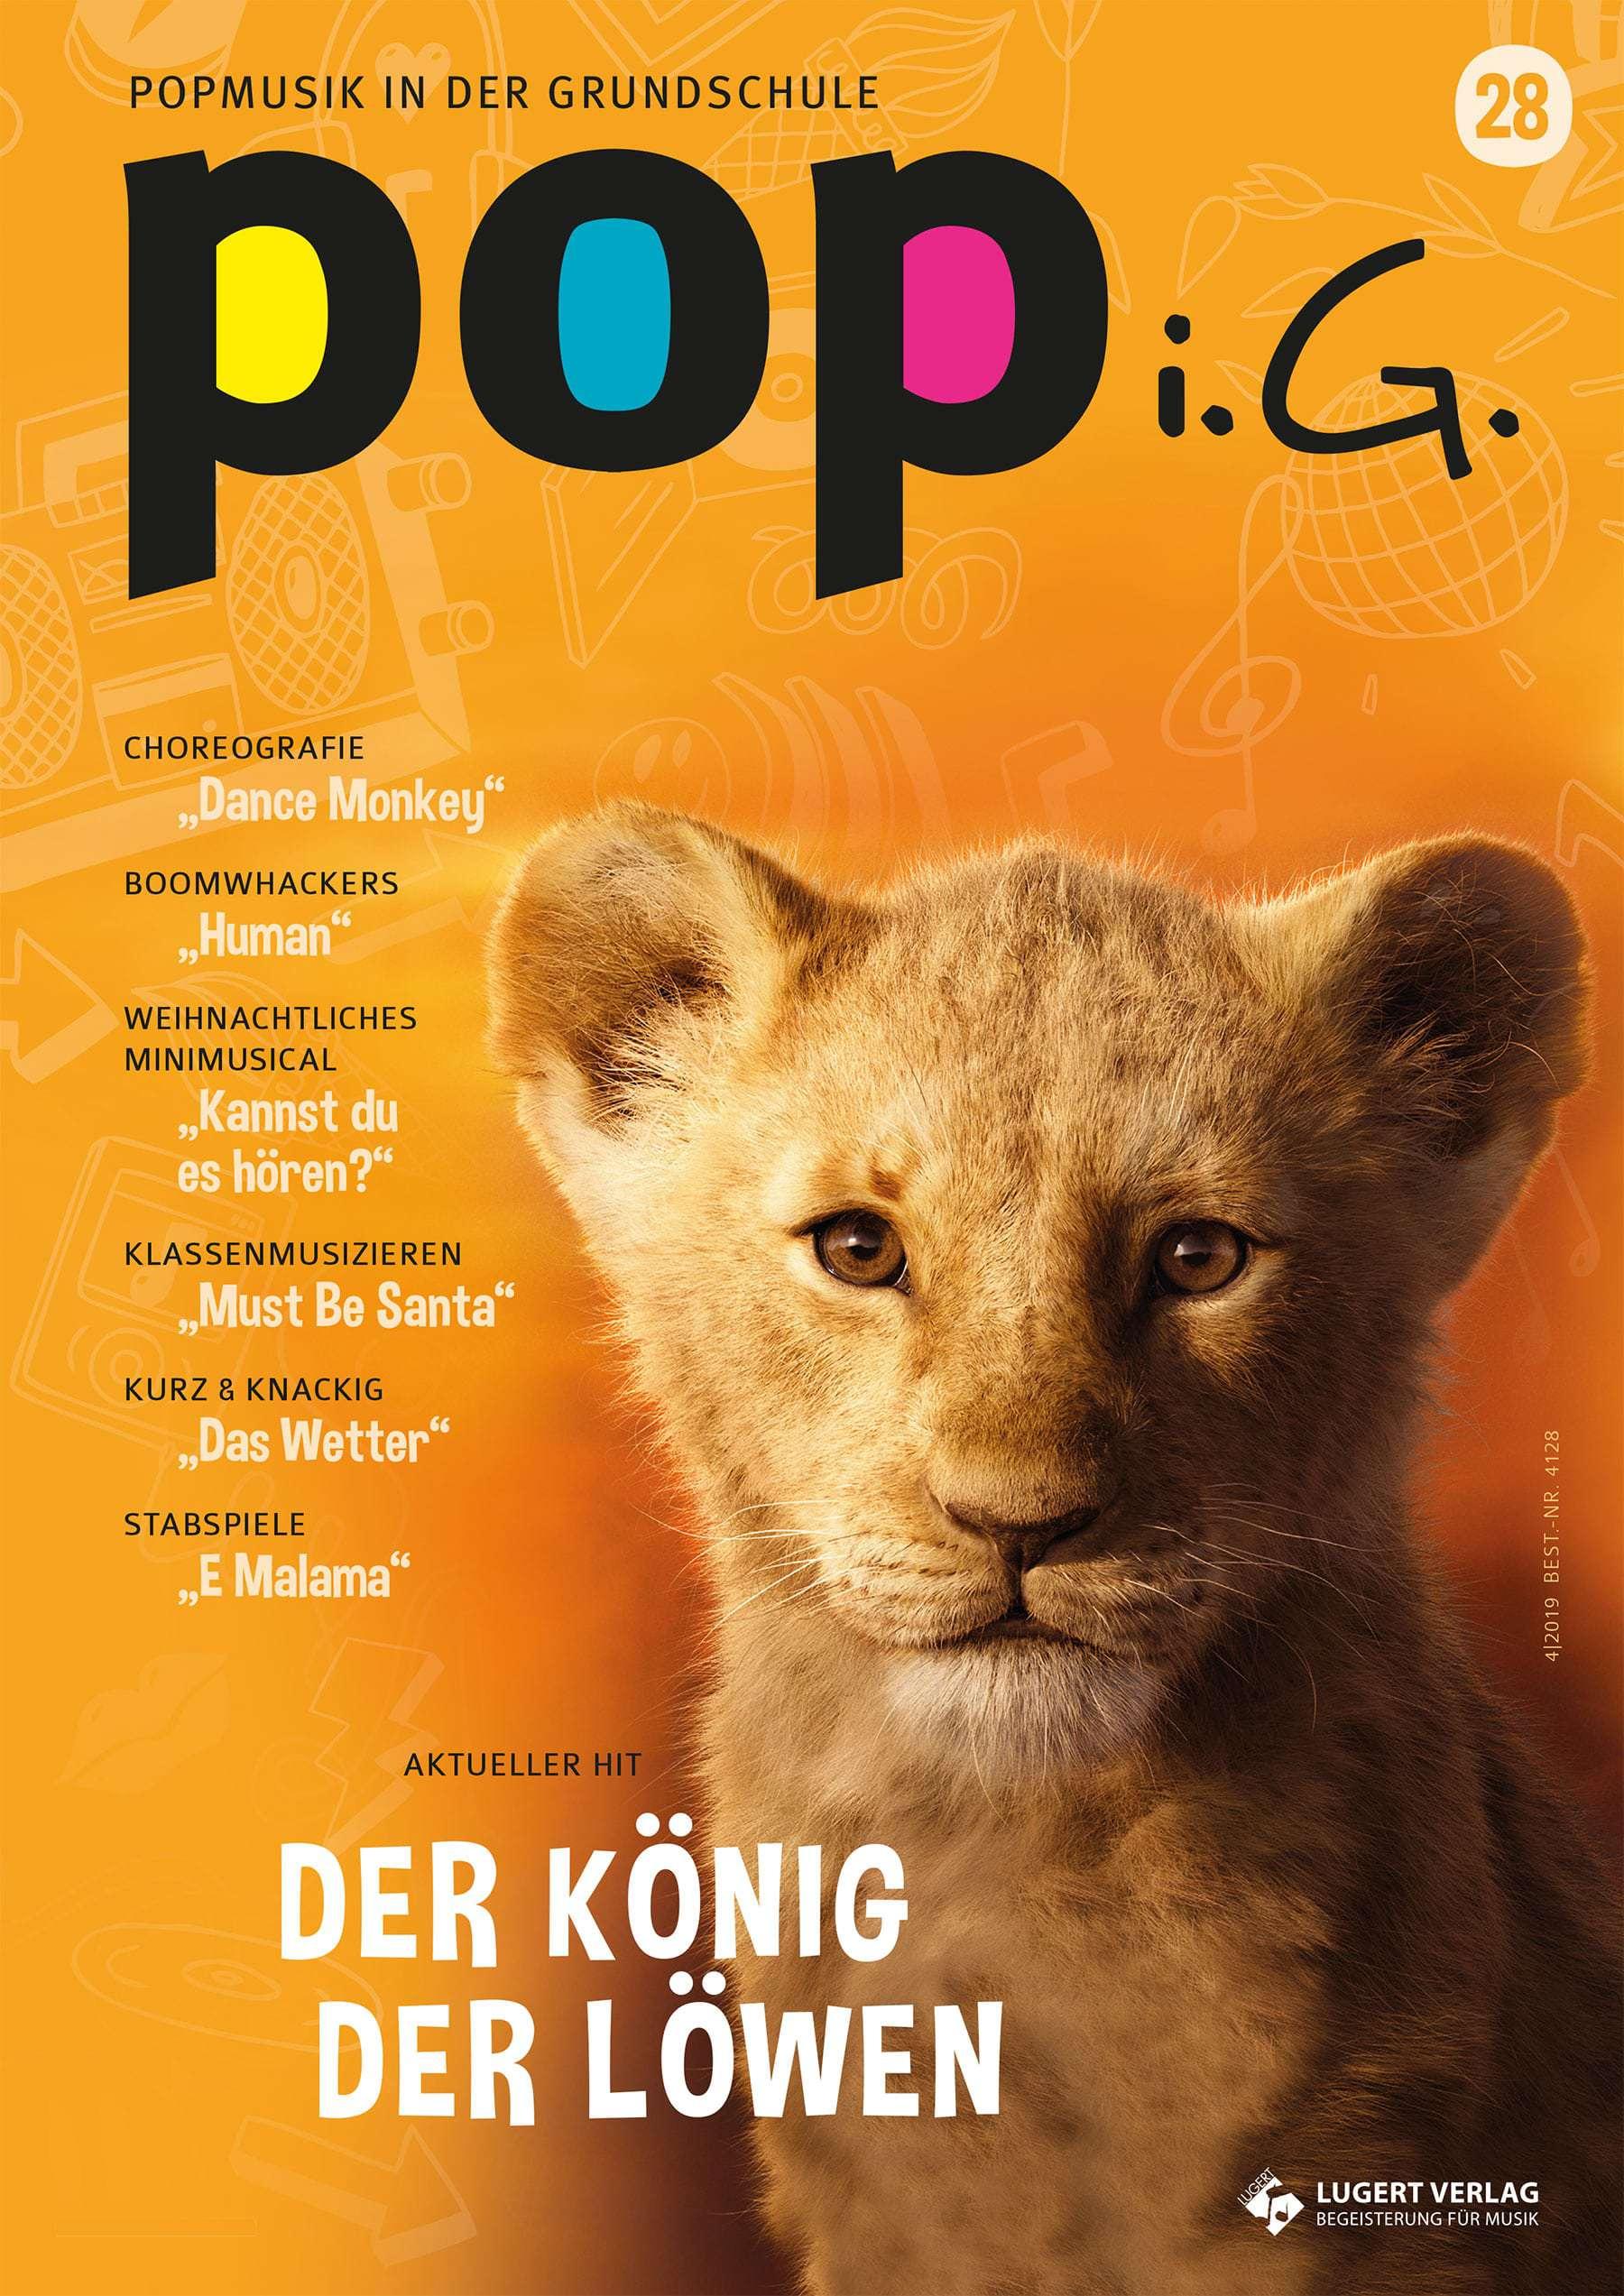 POPiG28_König der Löwen